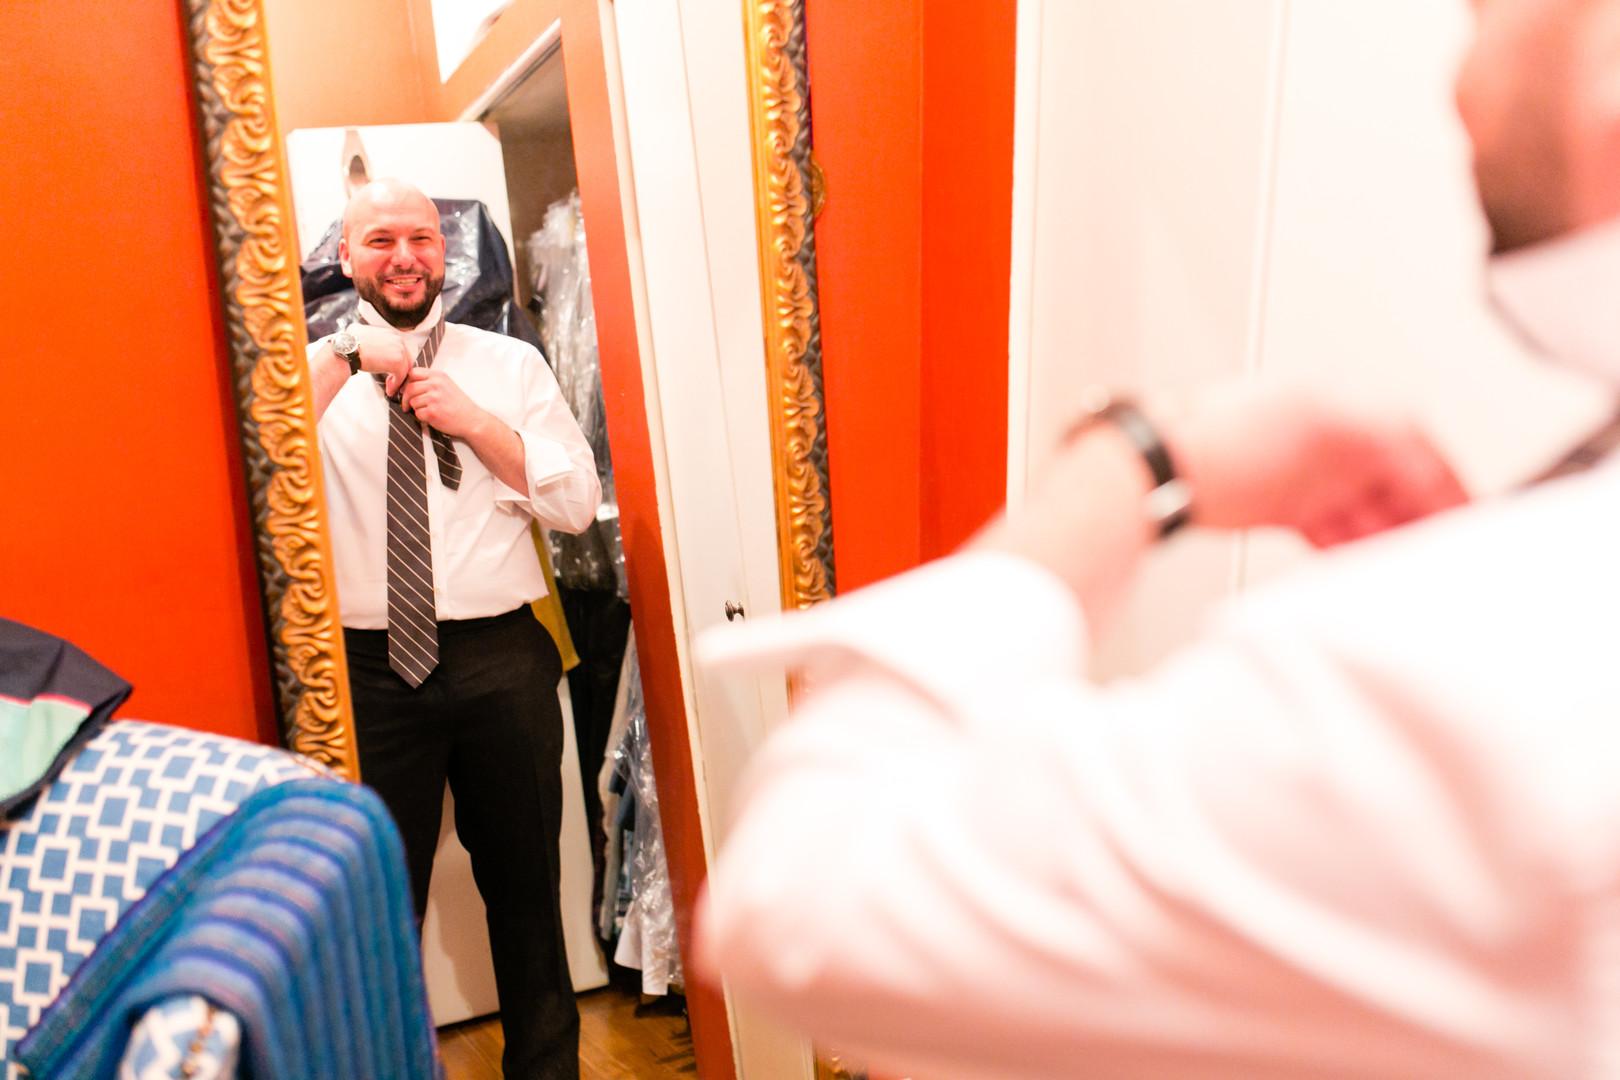 Woolard_Callegari_CaseyFatchettPhotography_publicrestaurantwedding4_big.jpg